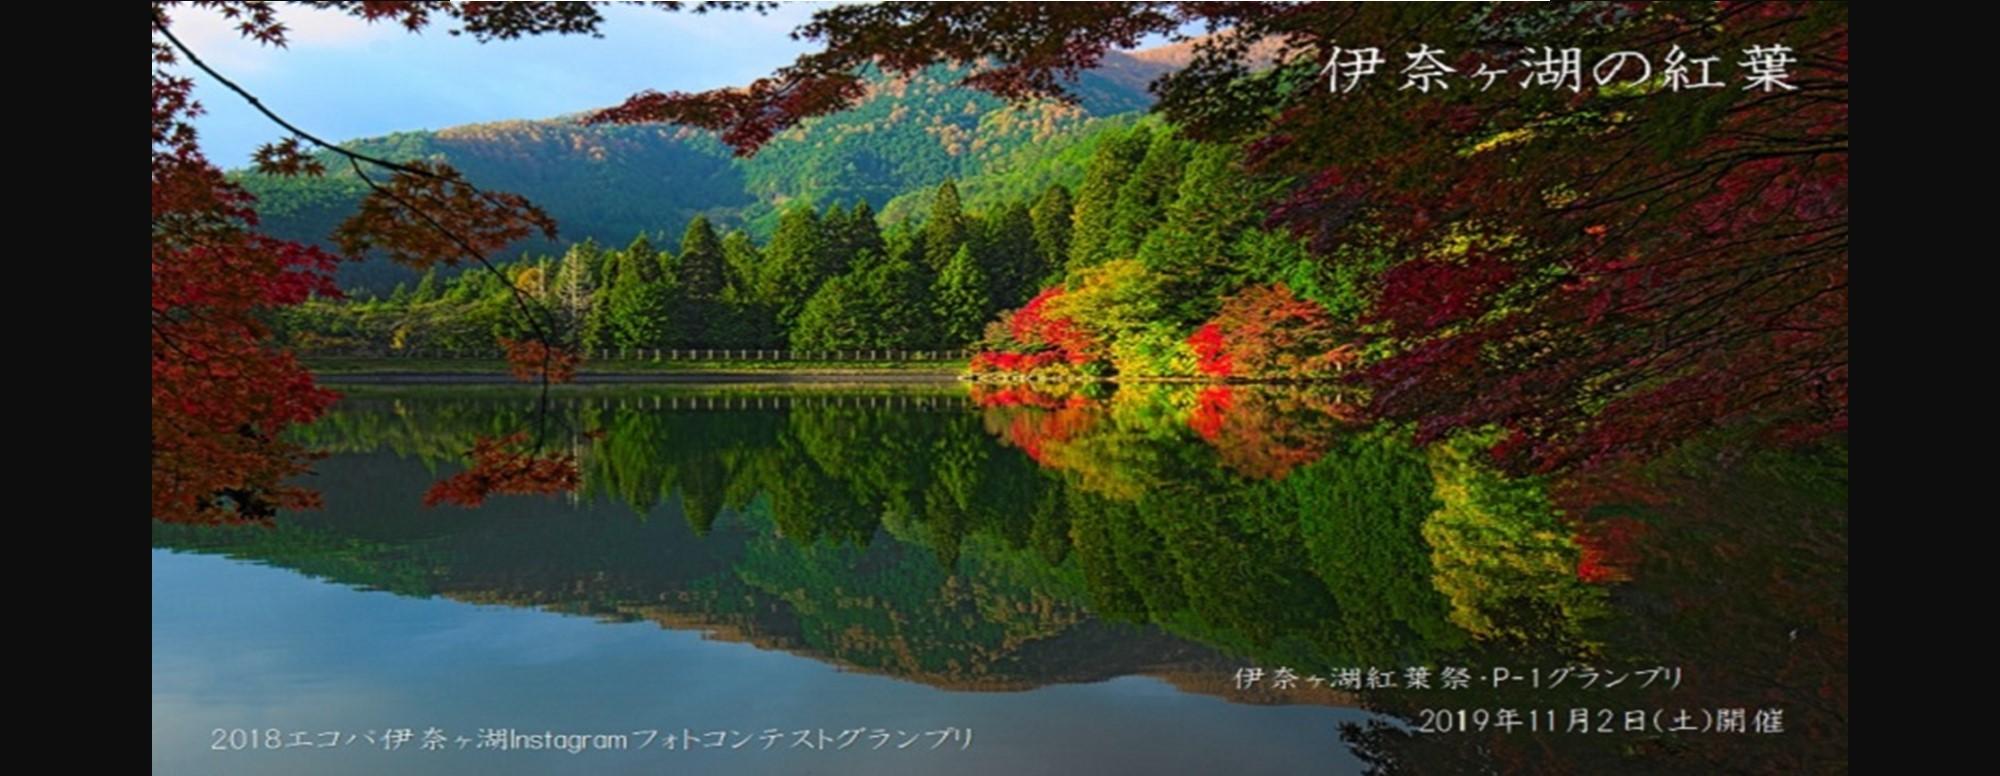 伊奈ケ湖紅葉